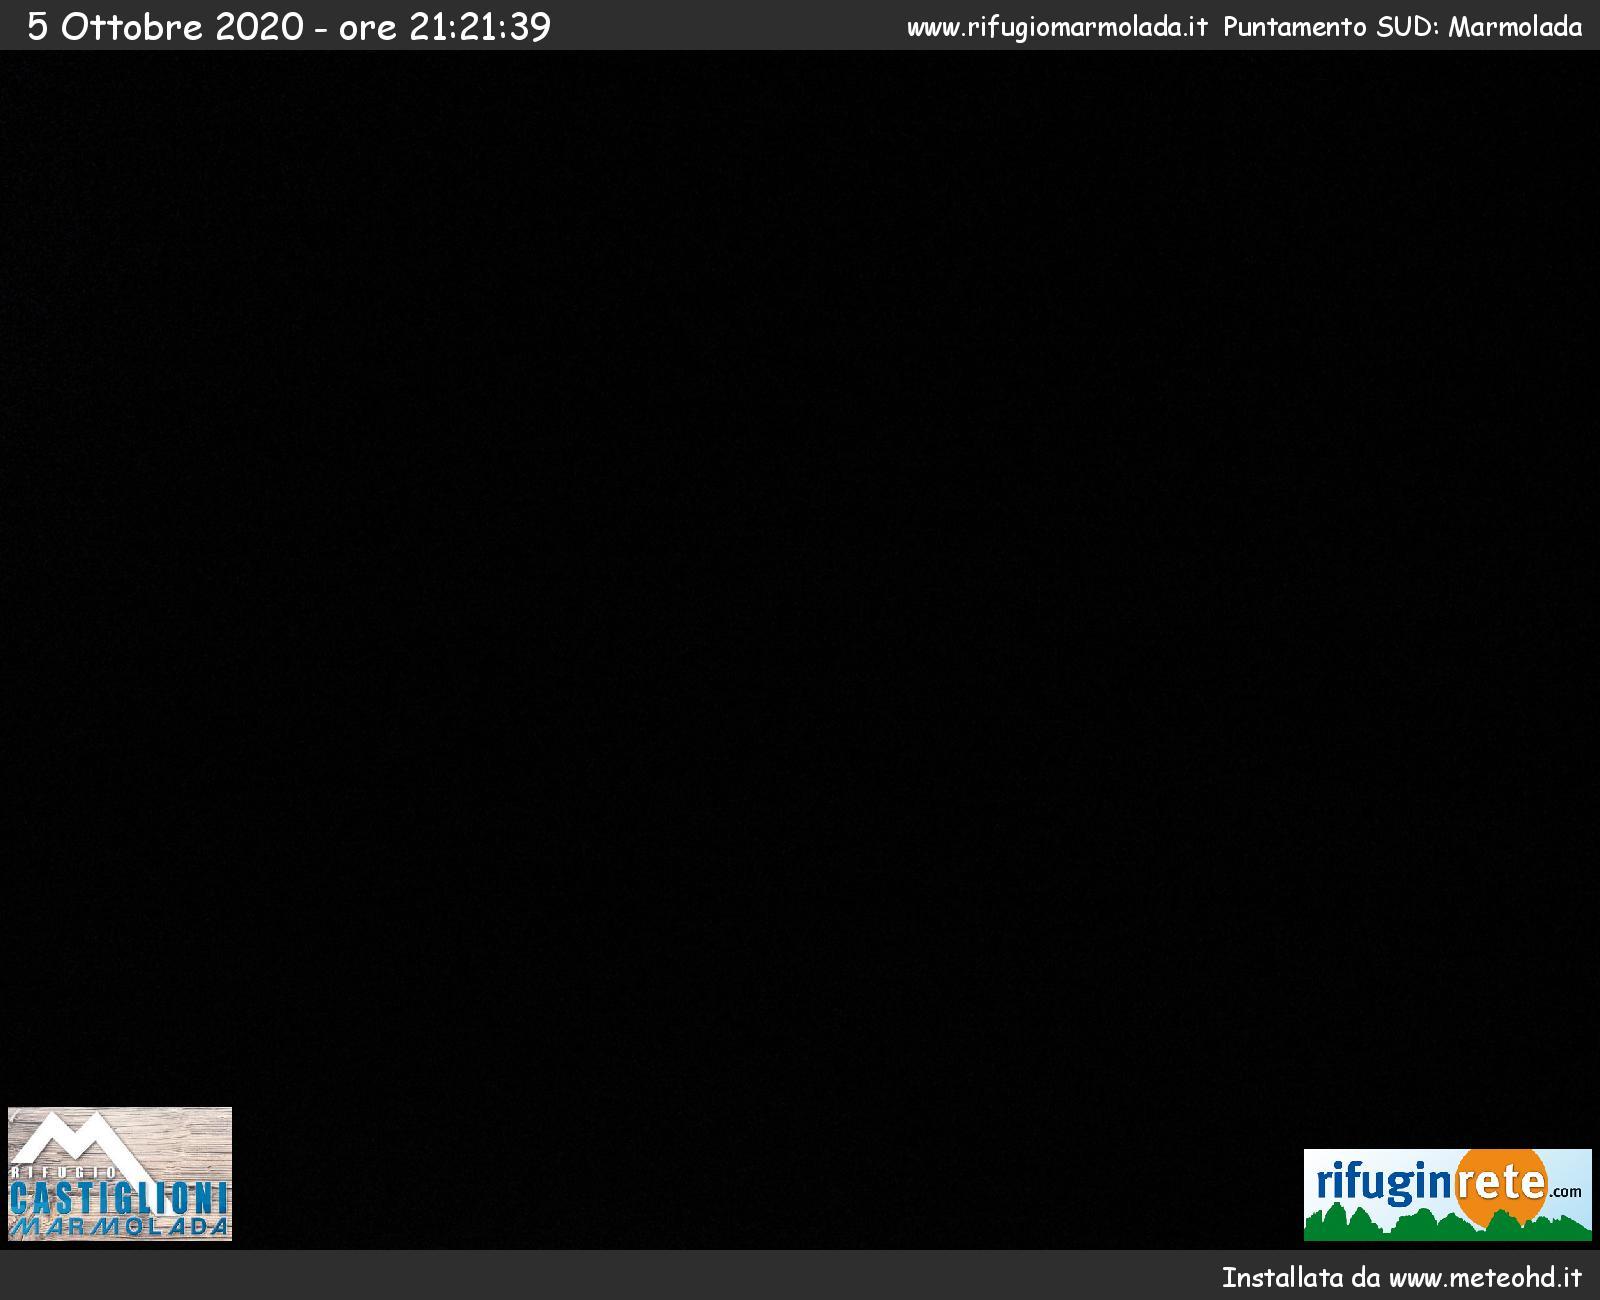 Webcam da rifugio castiglioni